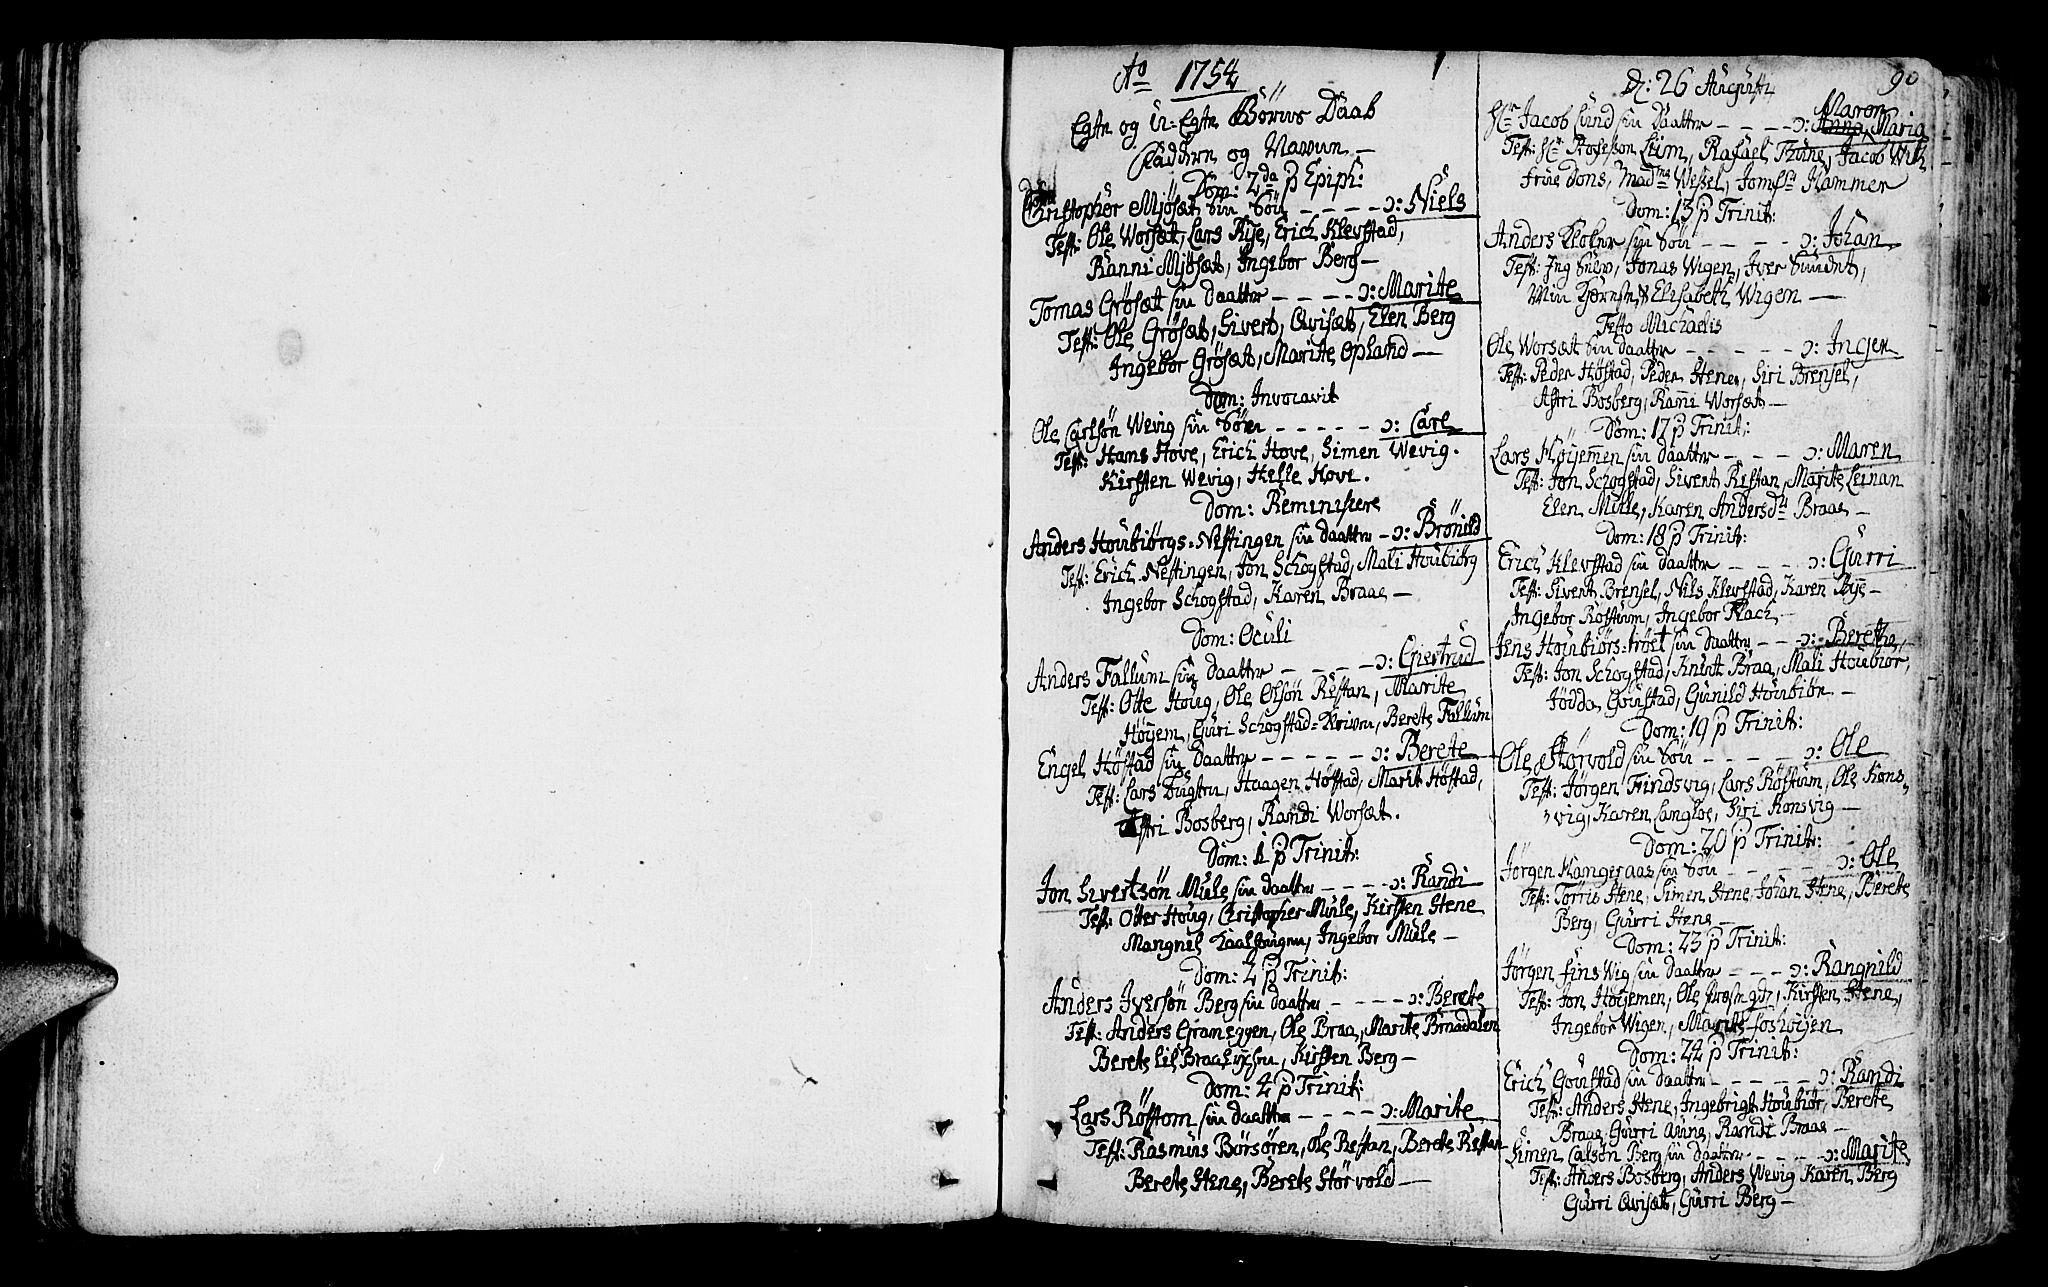 SAT, Ministerialprotokoller, klokkerbøker og fødselsregistre - Sør-Trøndelag, 612/L0370: Ministerialbok nr. 612A04, 1754-1802, s. 90